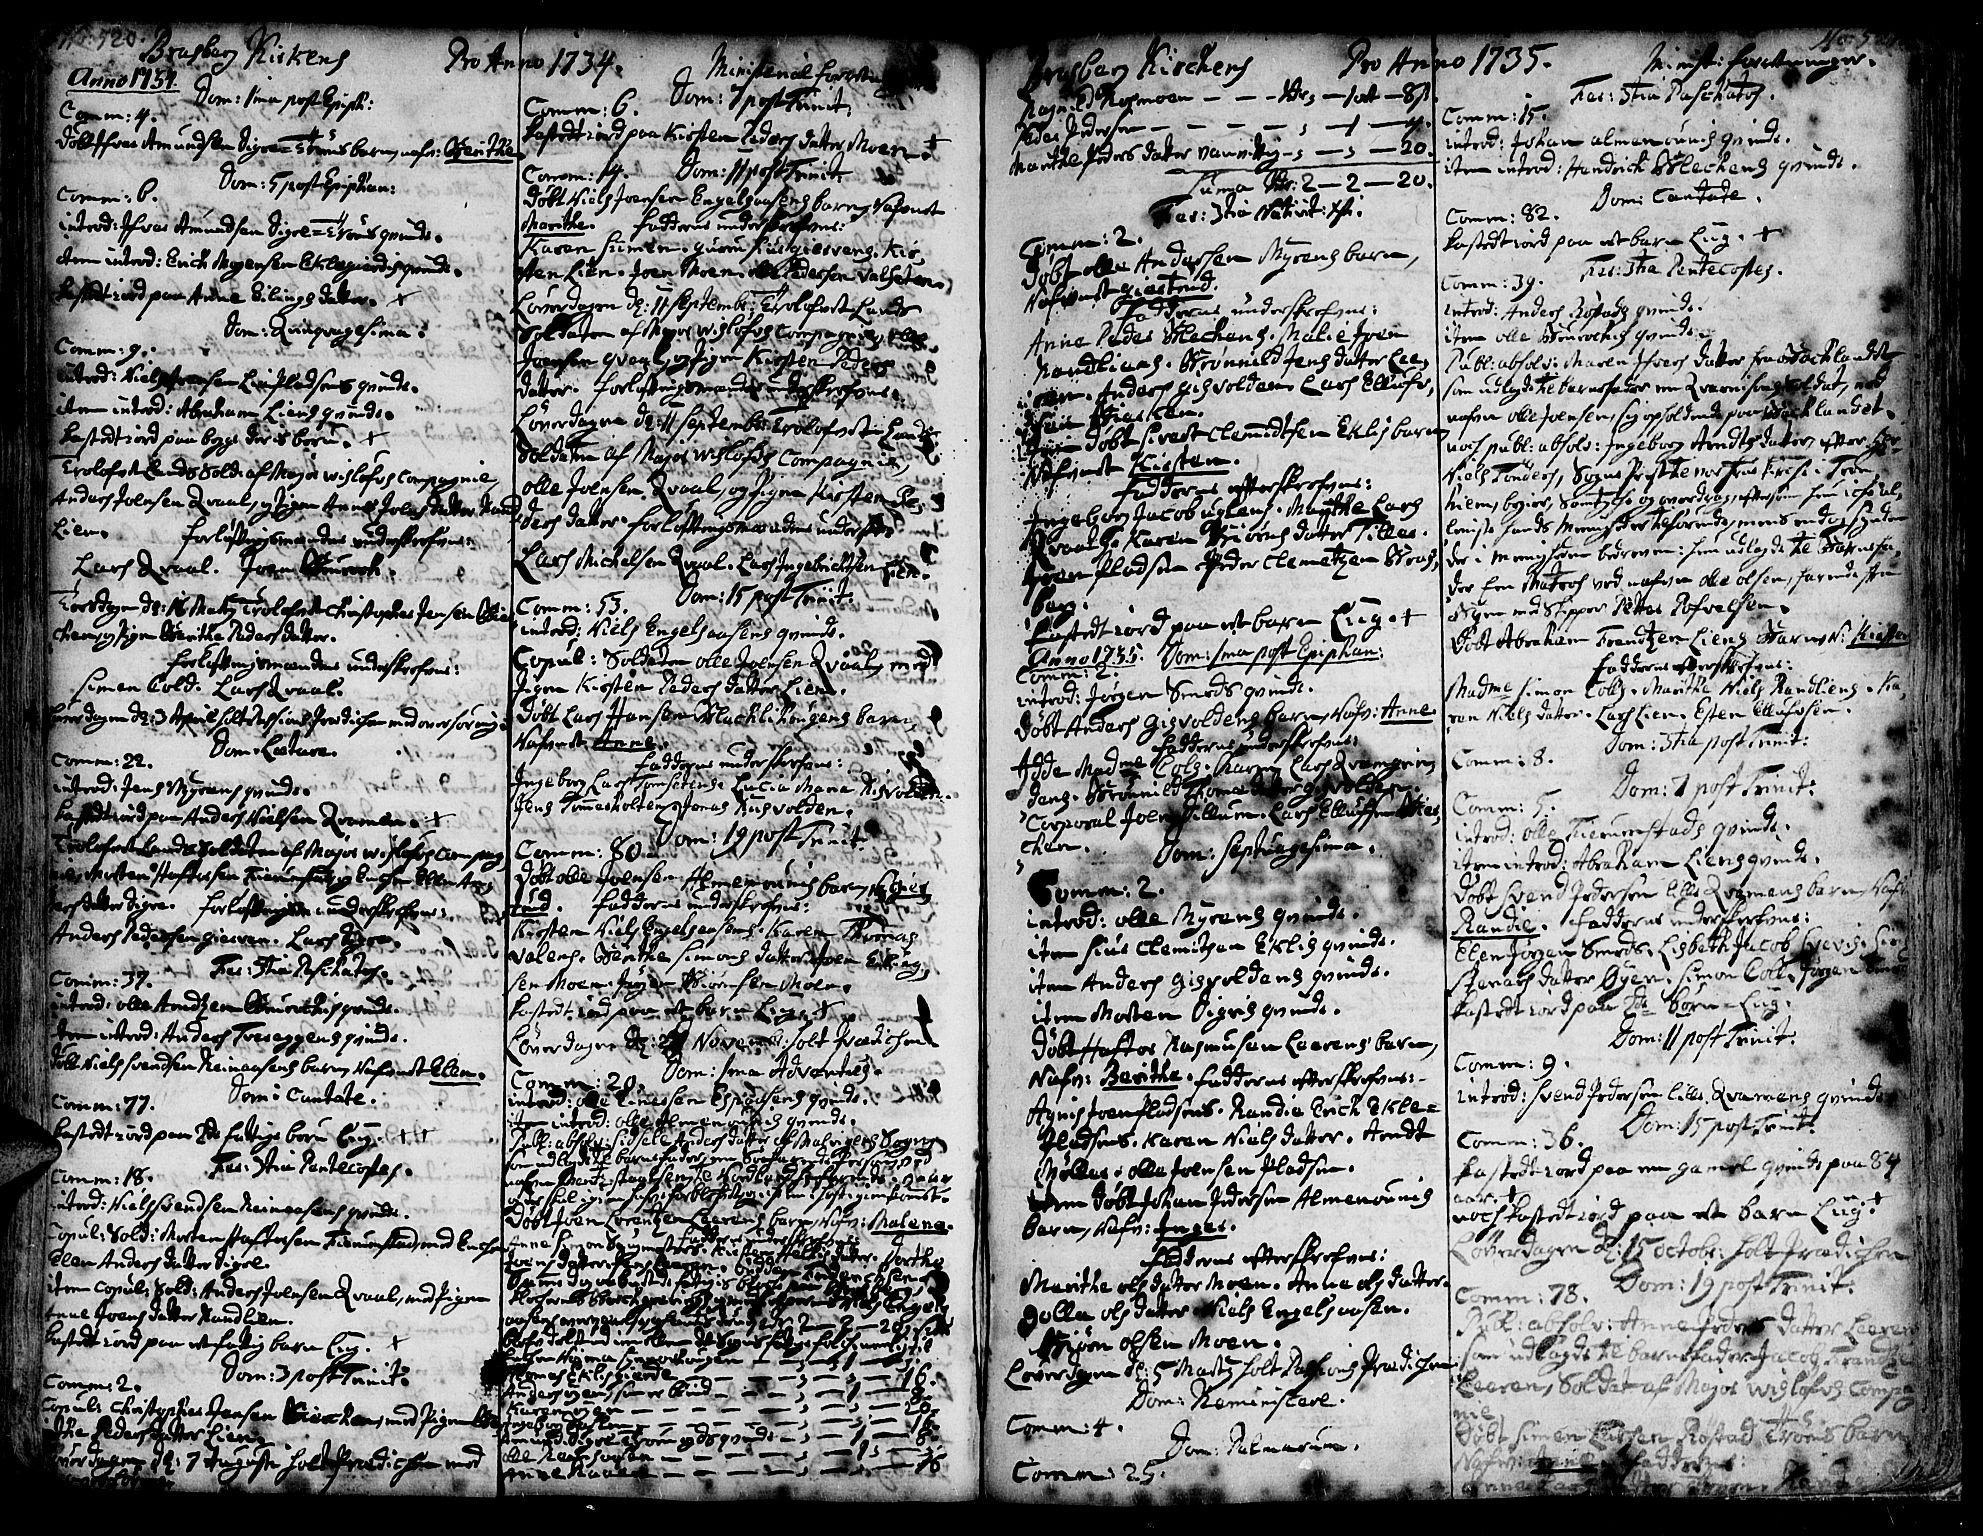 SAT, Ministerialprotokoller, klokkerbøker og fødselsregistre - Sør-Trøndelag, 606/L0278: Ministerialbok nr. 606A01 /4, 1727-1780, s. 520-521